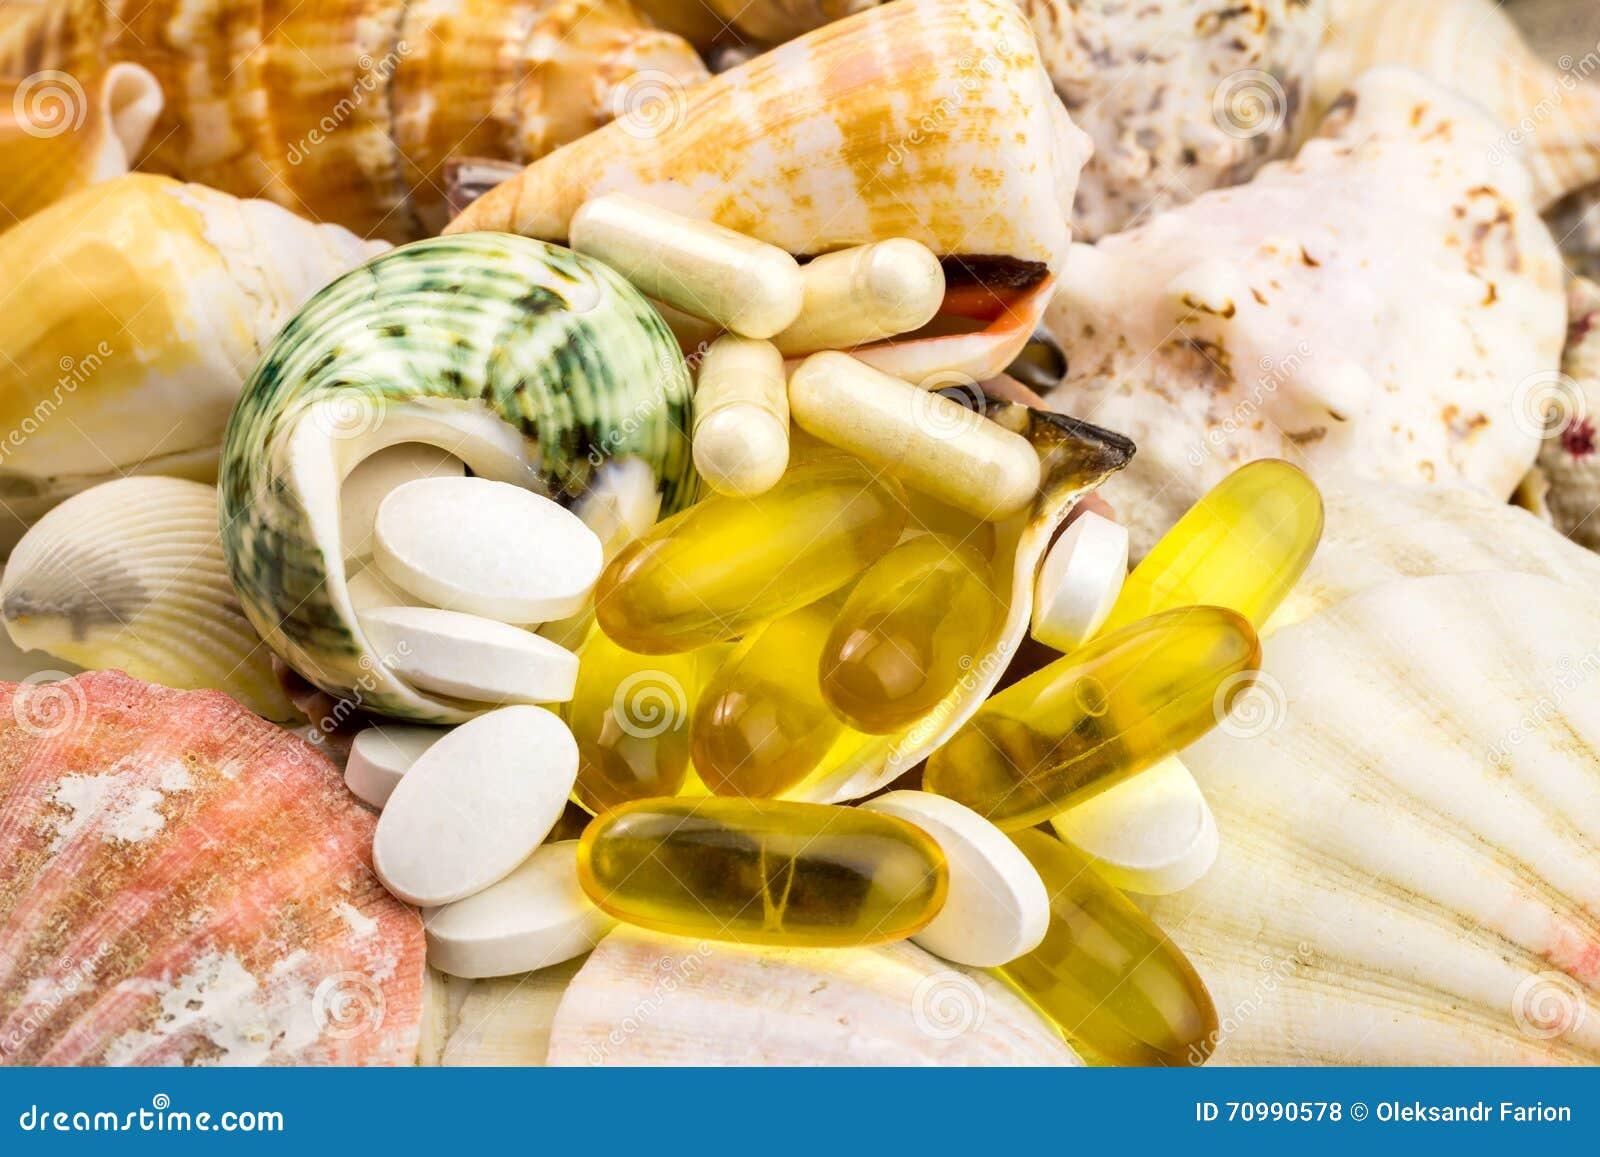 Mischnaturkostergänzungspillen auf dem schönen Muschelhintergrund